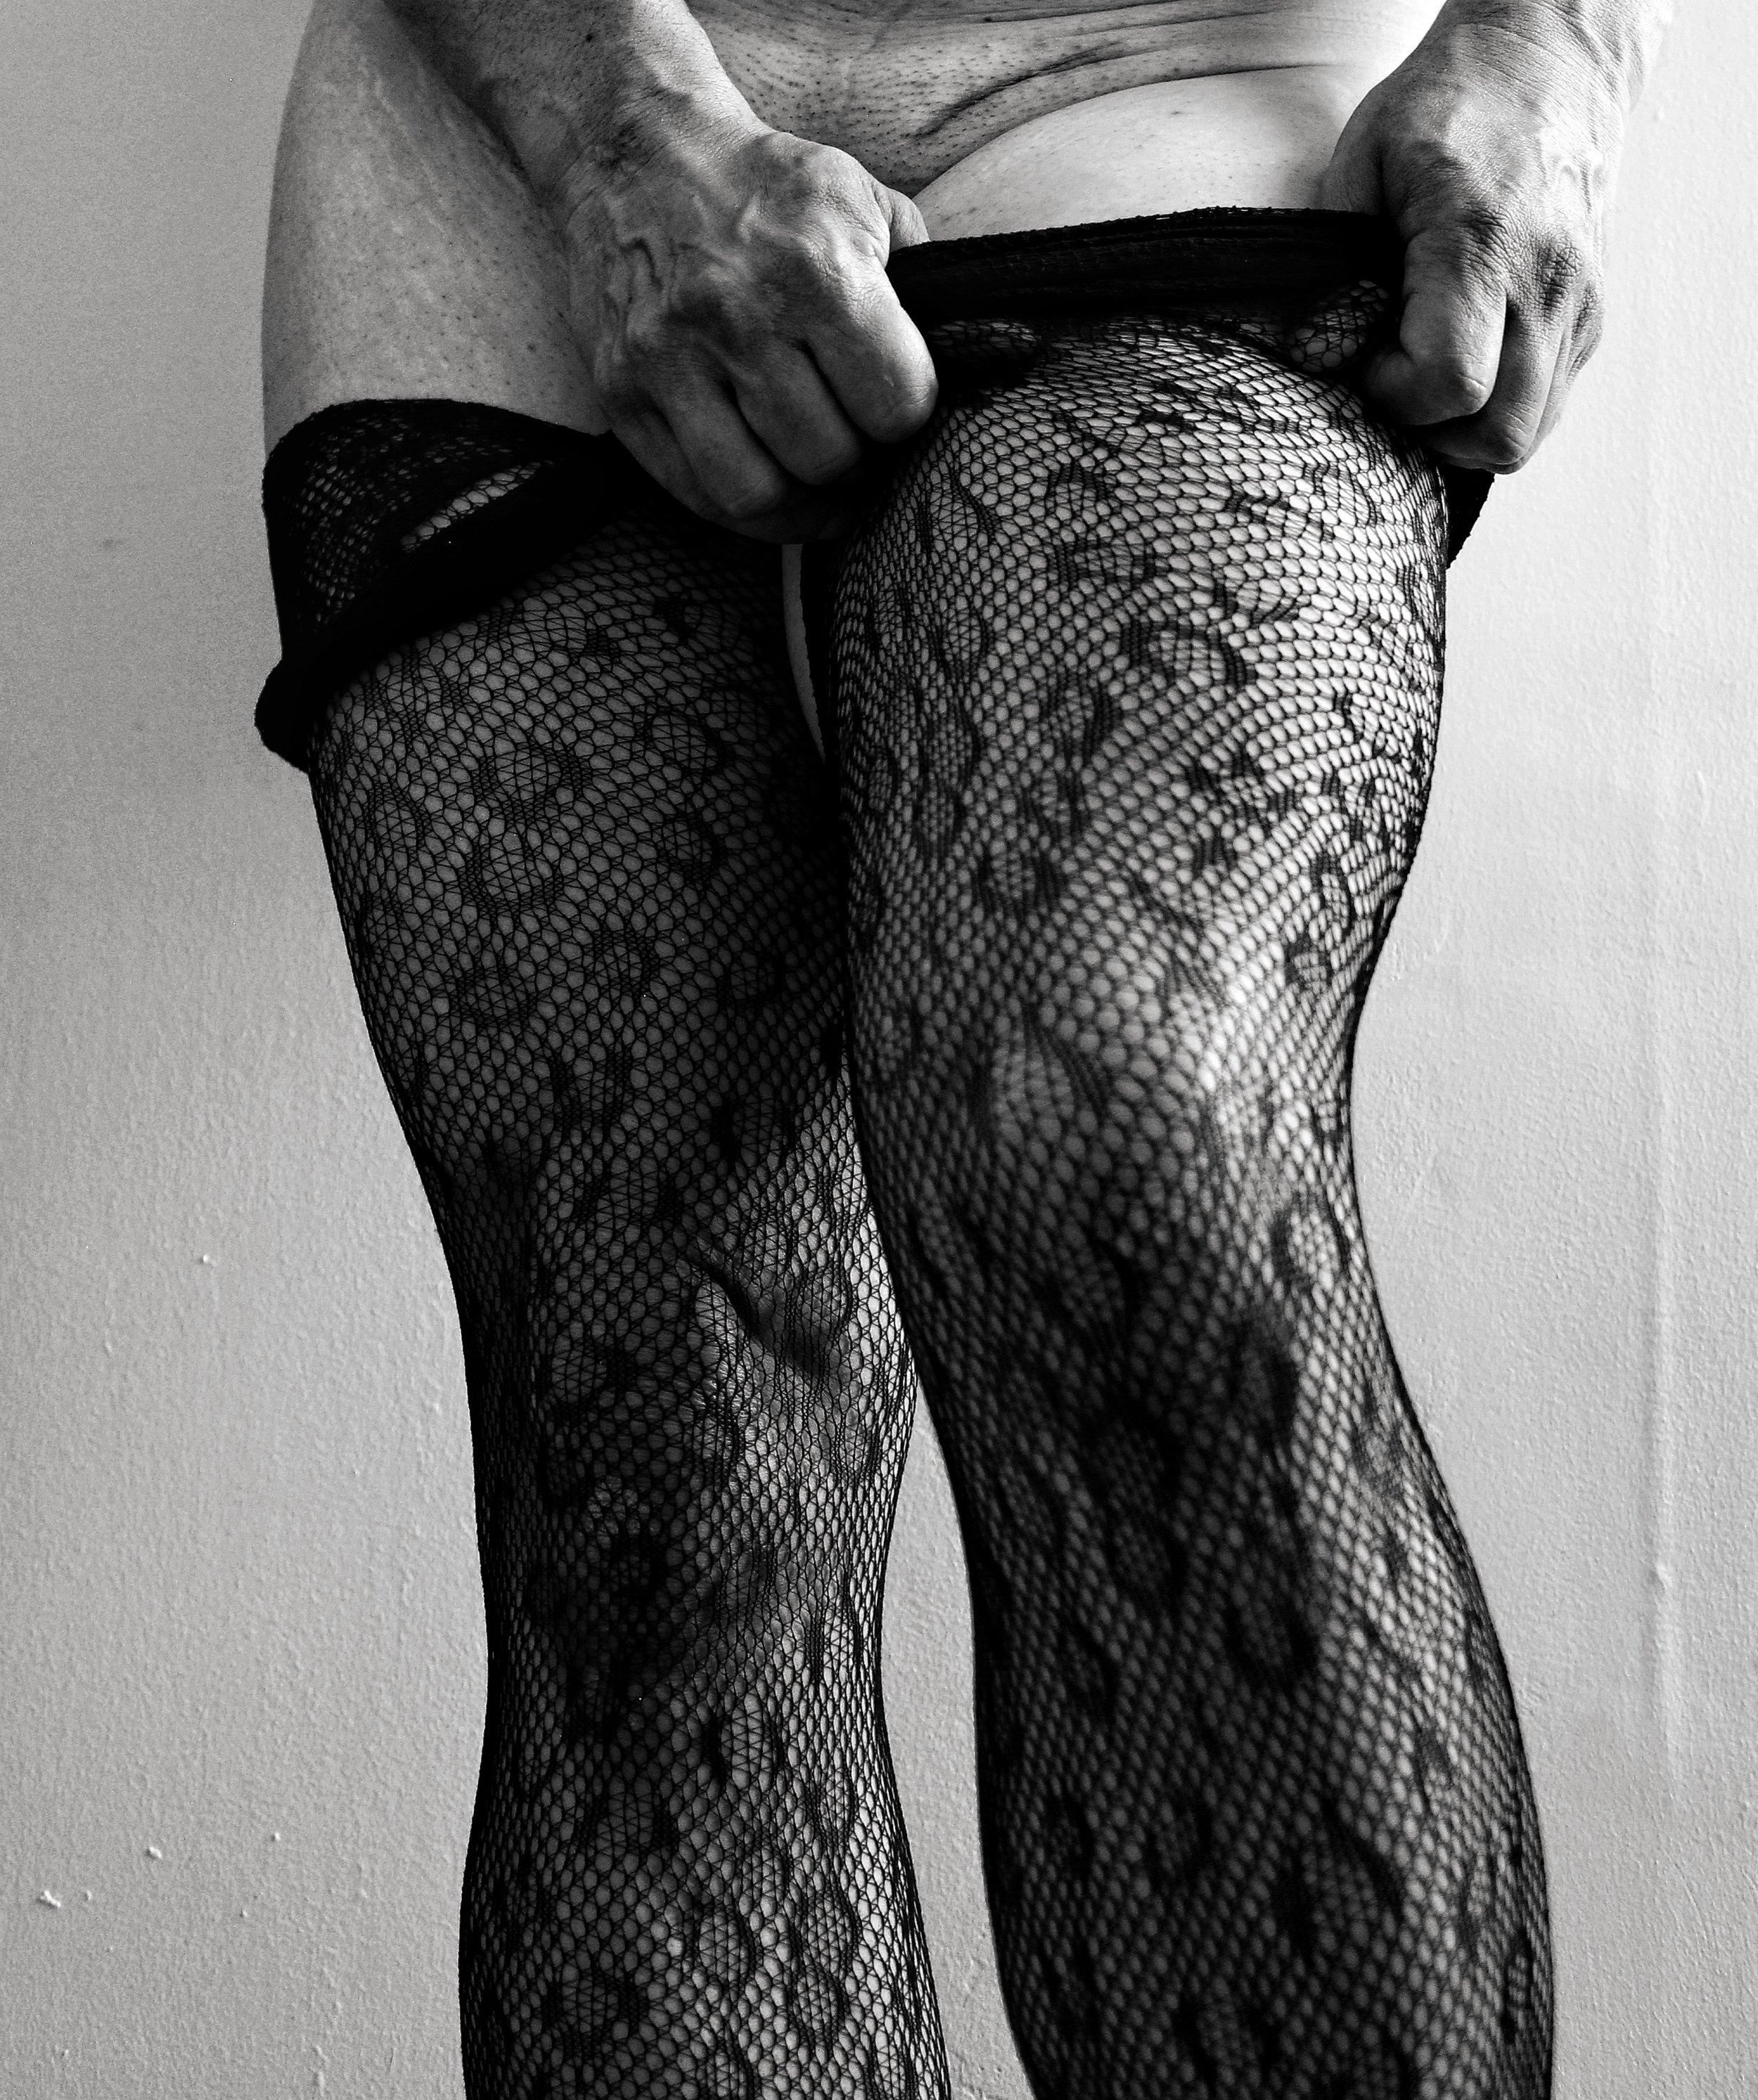 Snapseed-46.jpeg